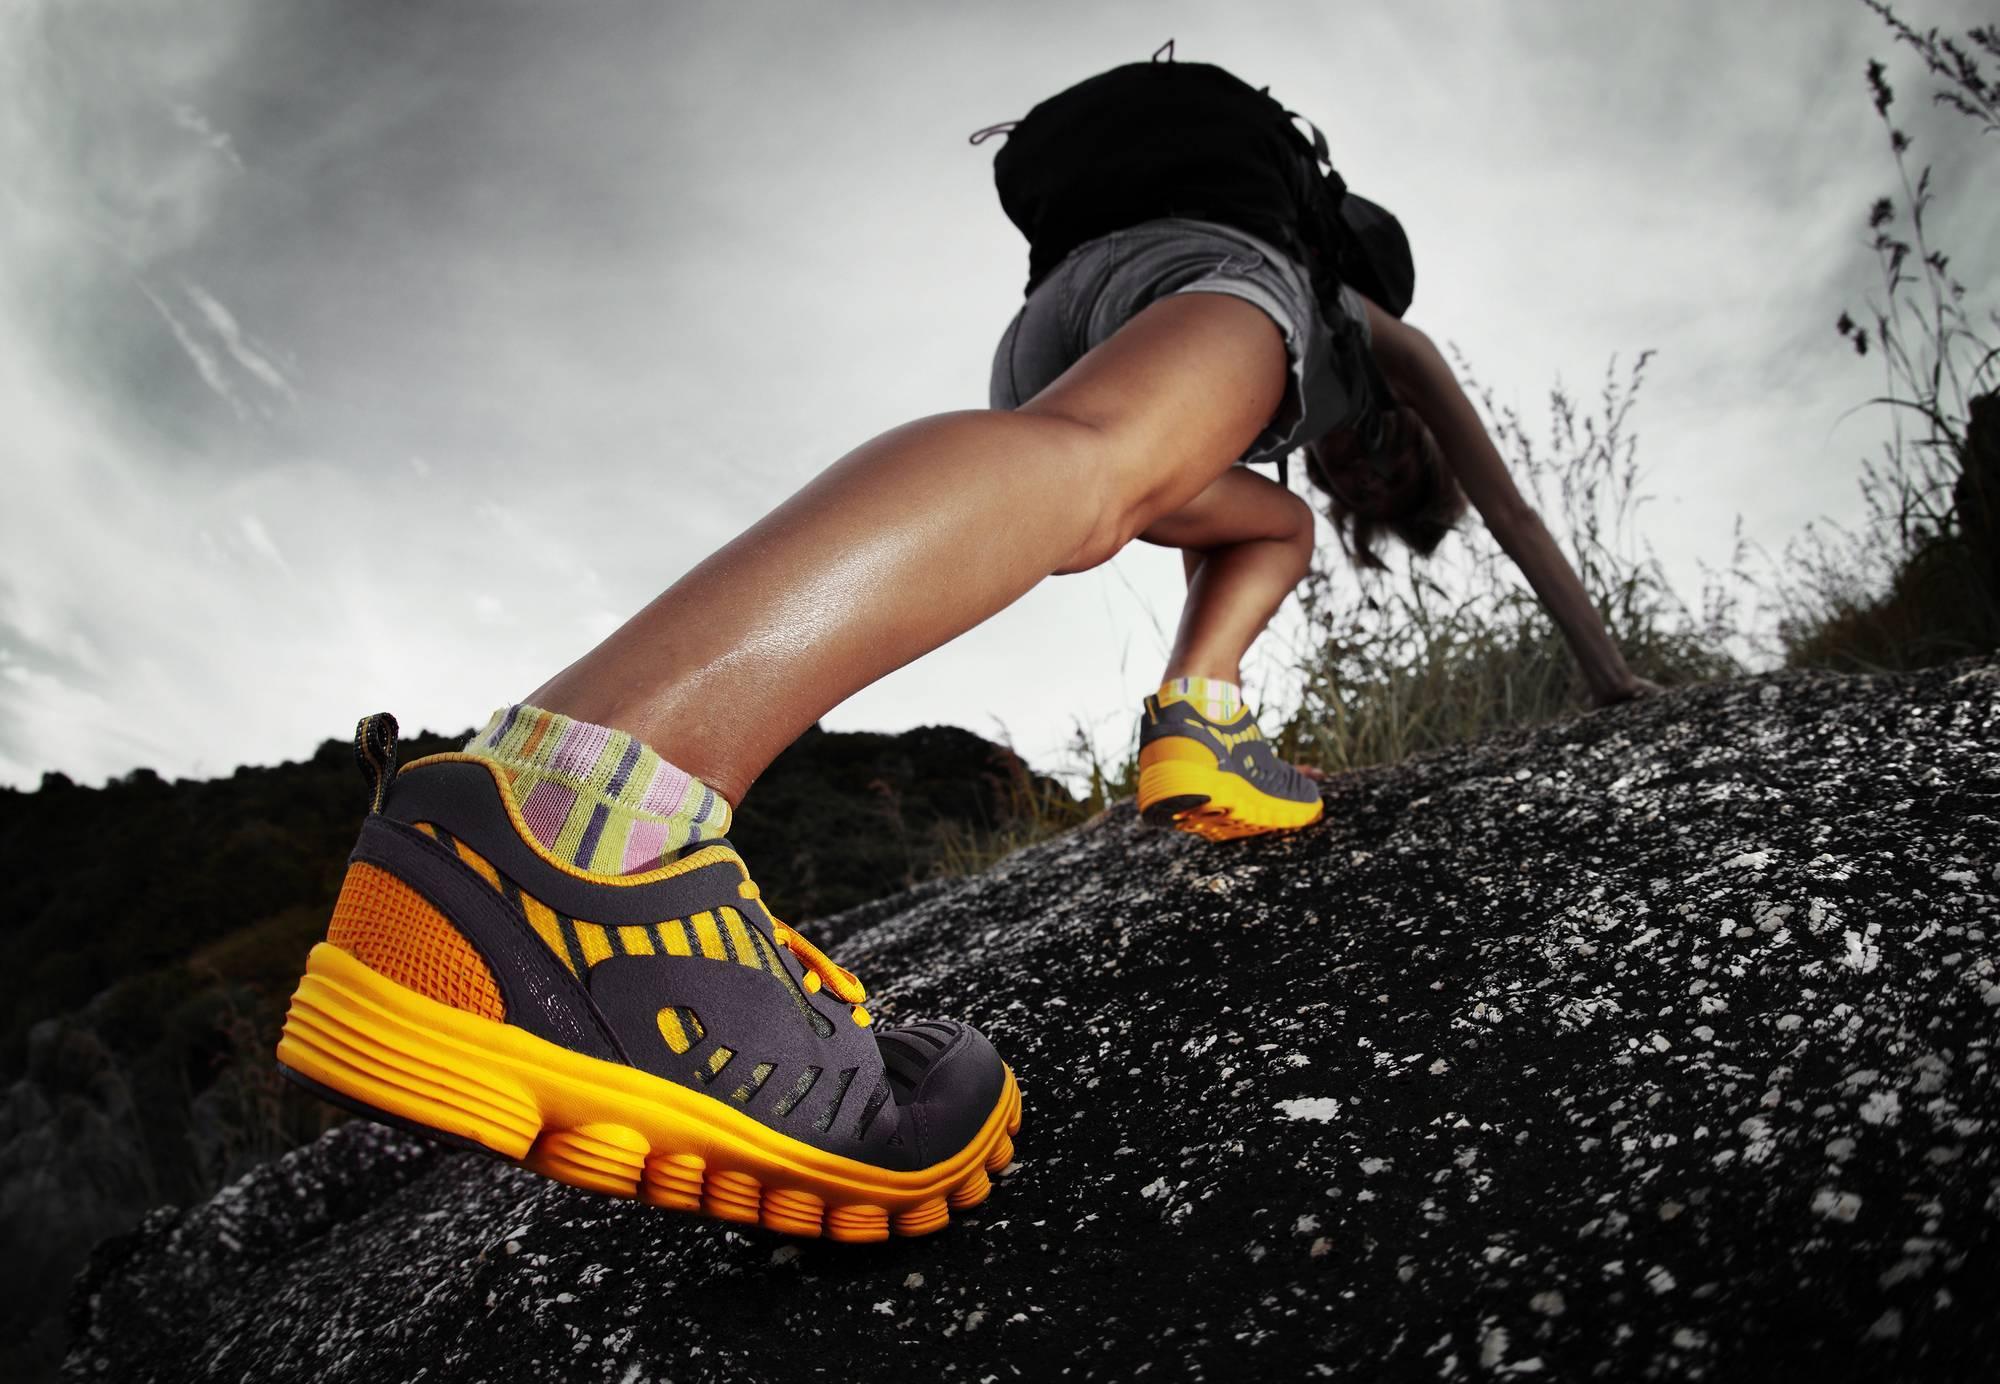 new concept f211c 79c9b Schuhe XXL in großer Auswahl bei Schuhplus entdecken